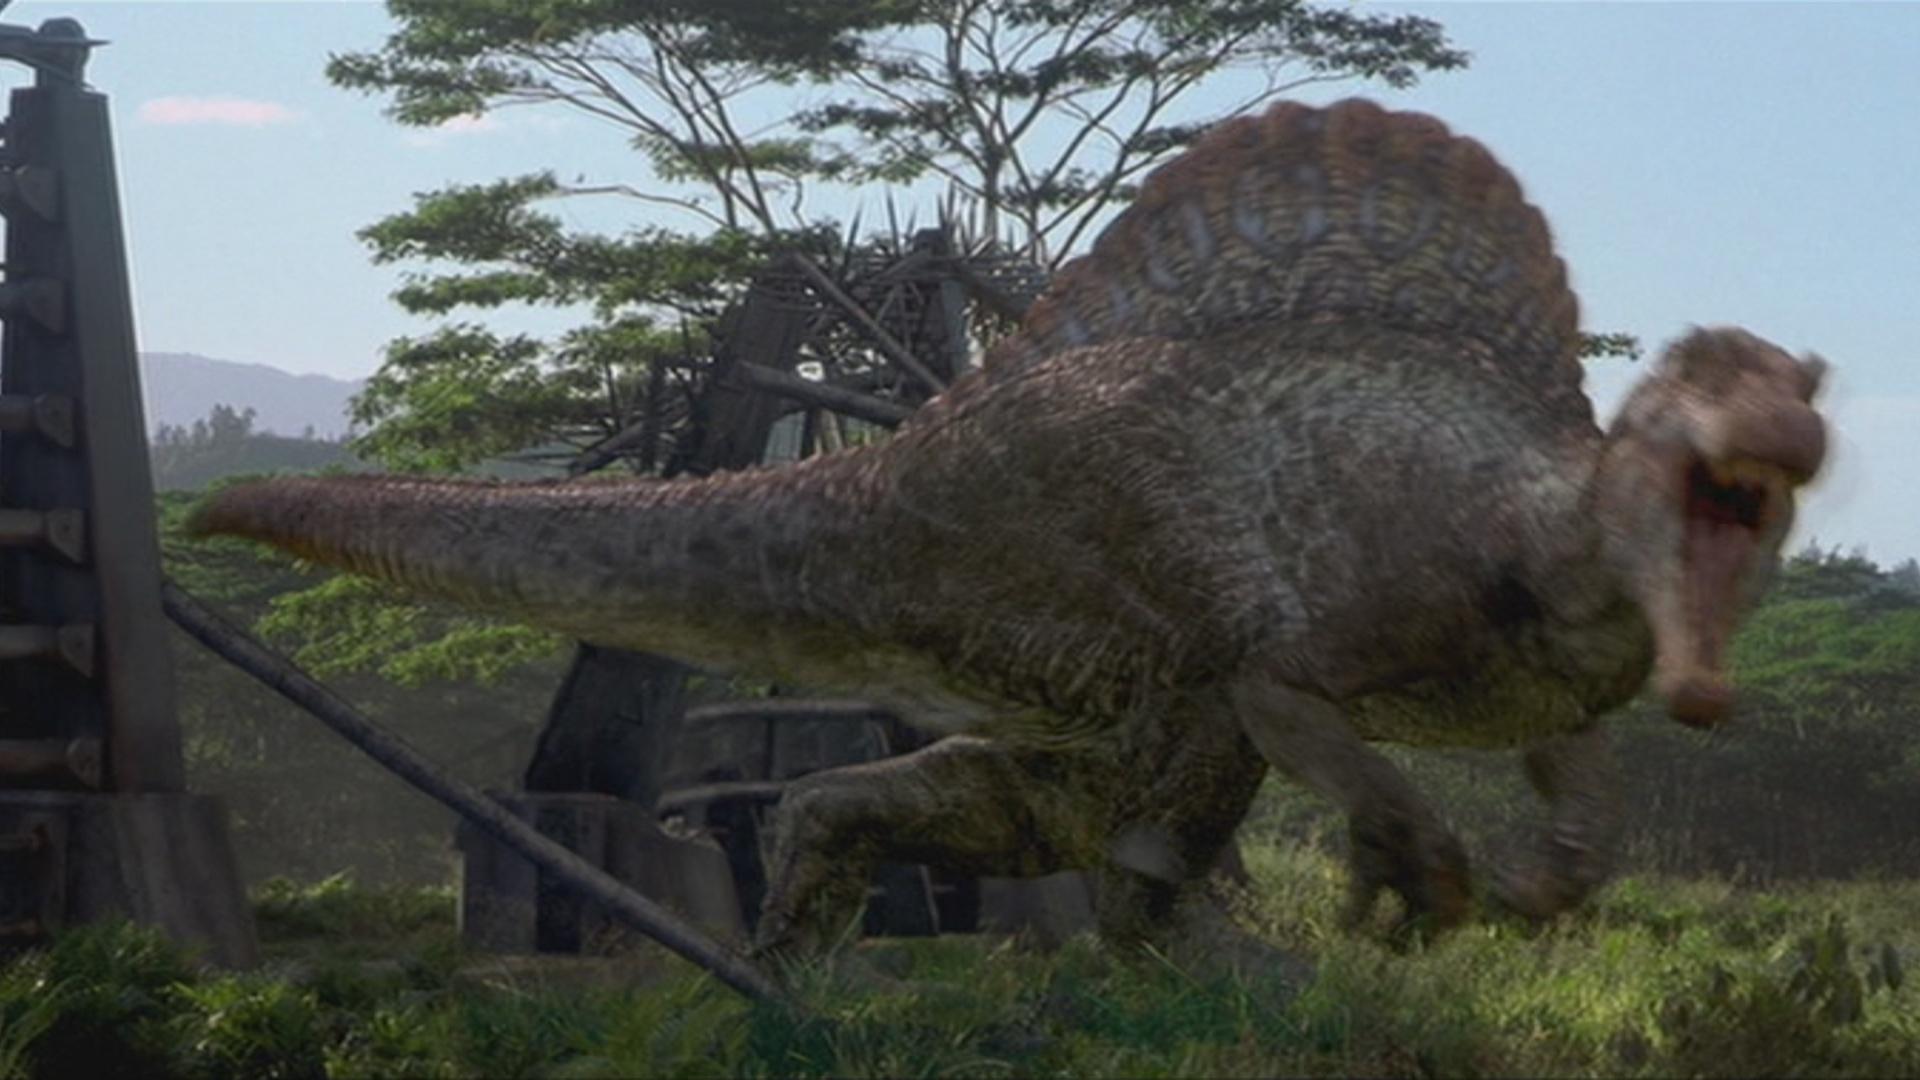 Spinosaurus park pedia jurassic park dinosaurs stephen spielberg - Spinosaurus jurassic park ...